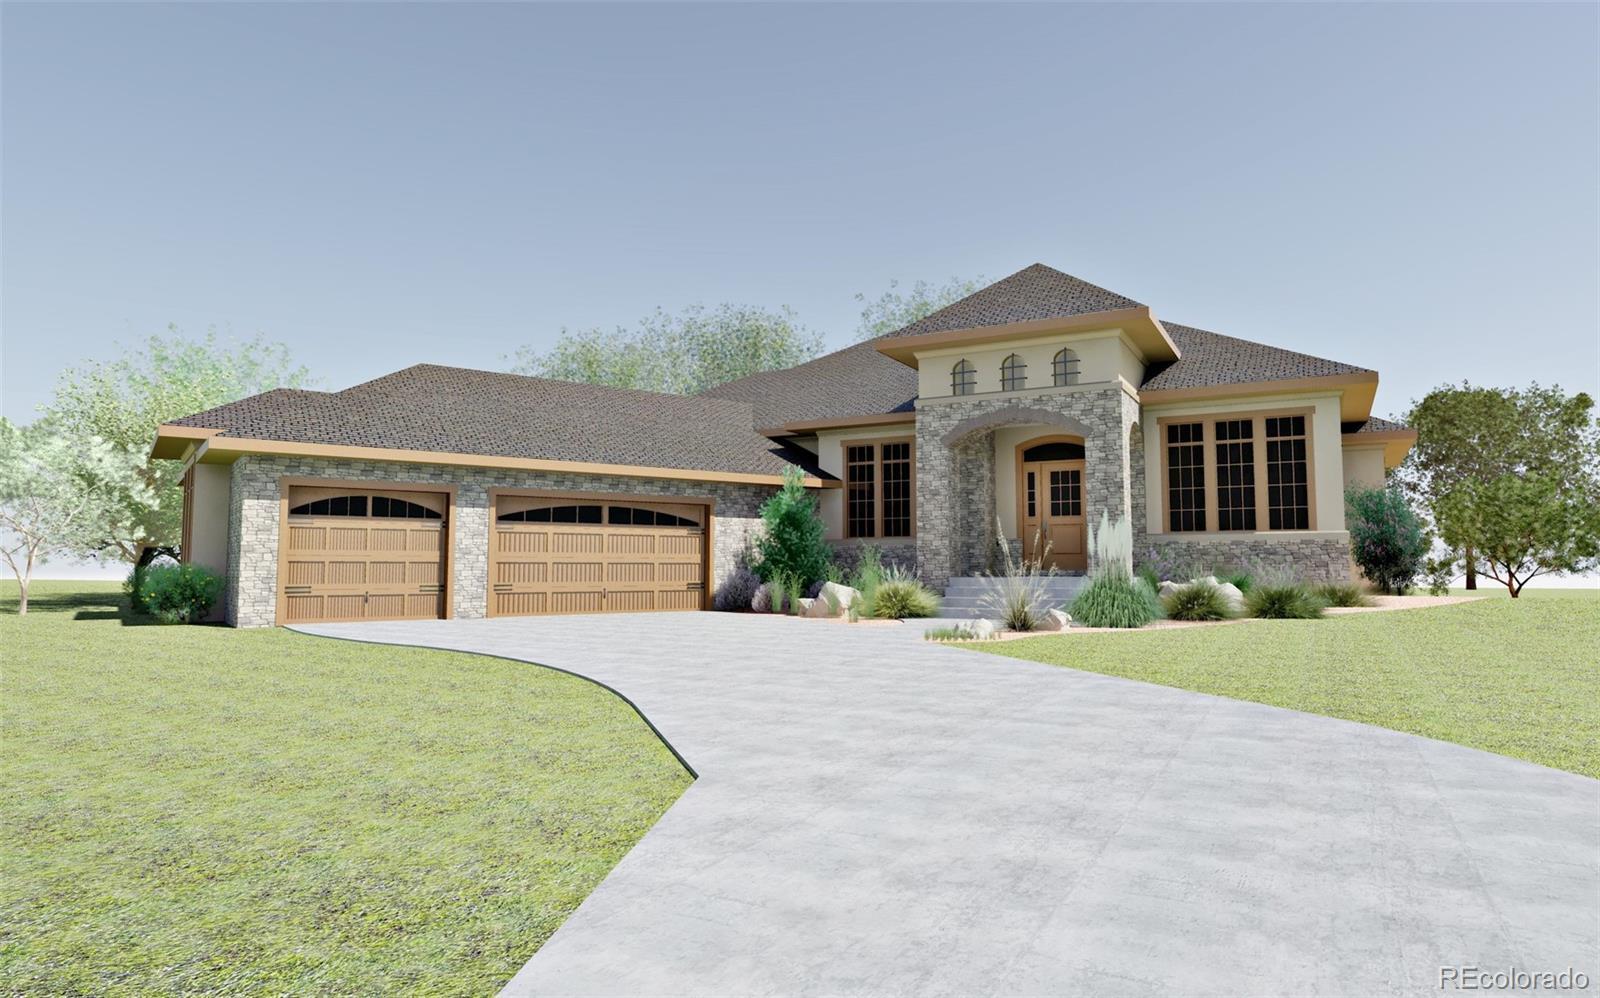 4225 E 145th Avenue, Thornton, CO 80602 - Thornton, CO real estate listing